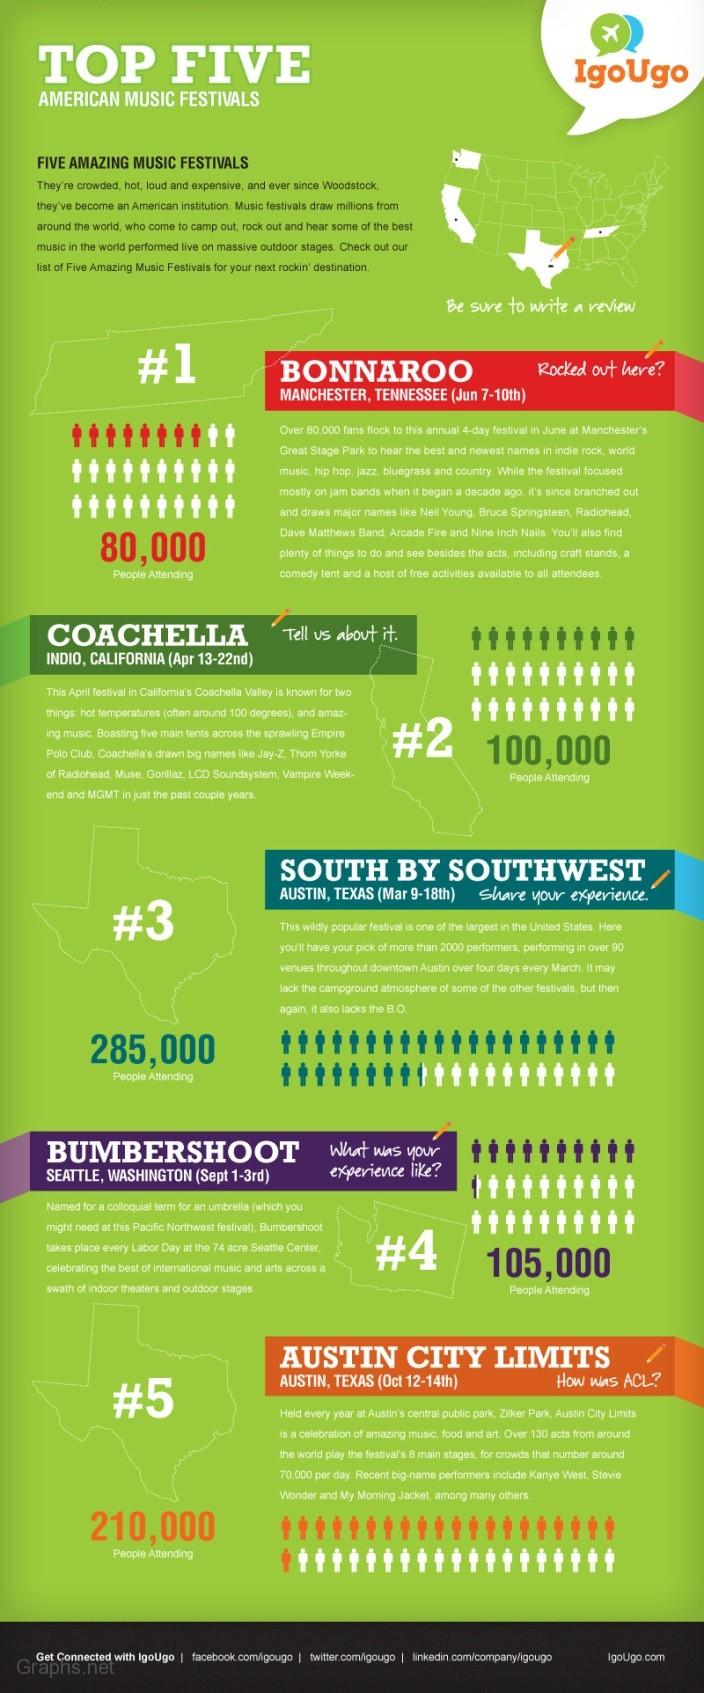 Top 5 Music Festivals in America